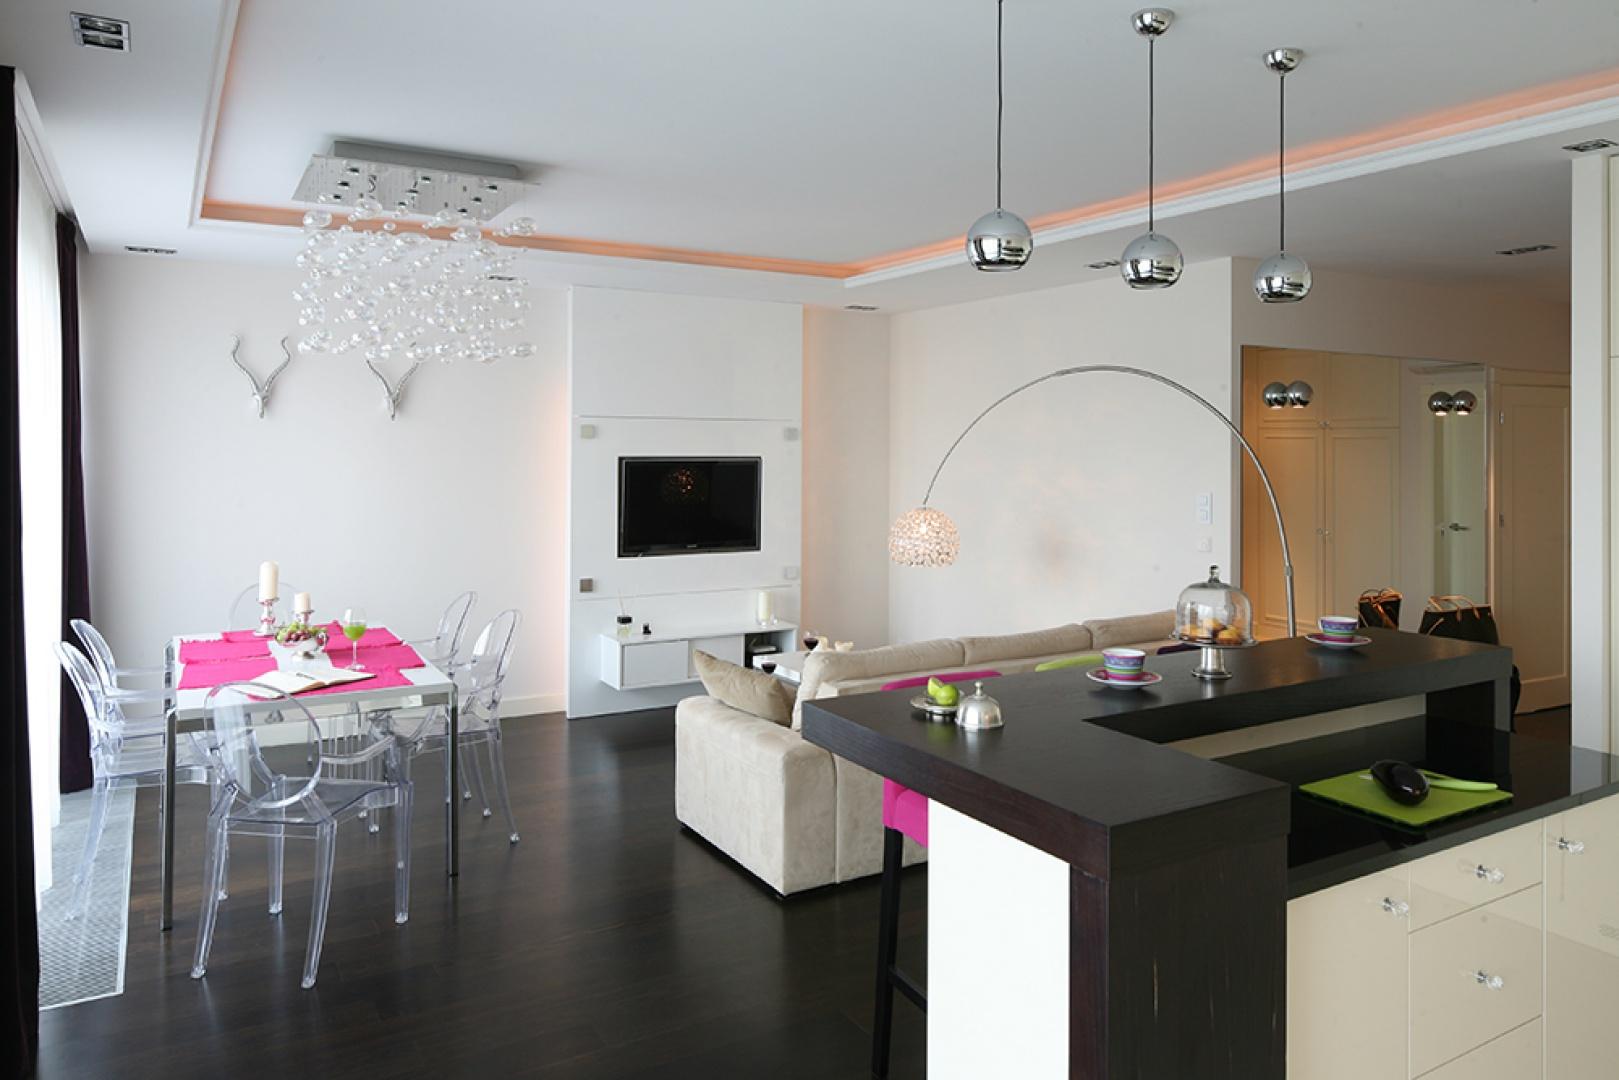 Wnętrze jest nowoczesne, ale ciepłe i bardzo stylowe. Fot. Bartosz Jarosz.